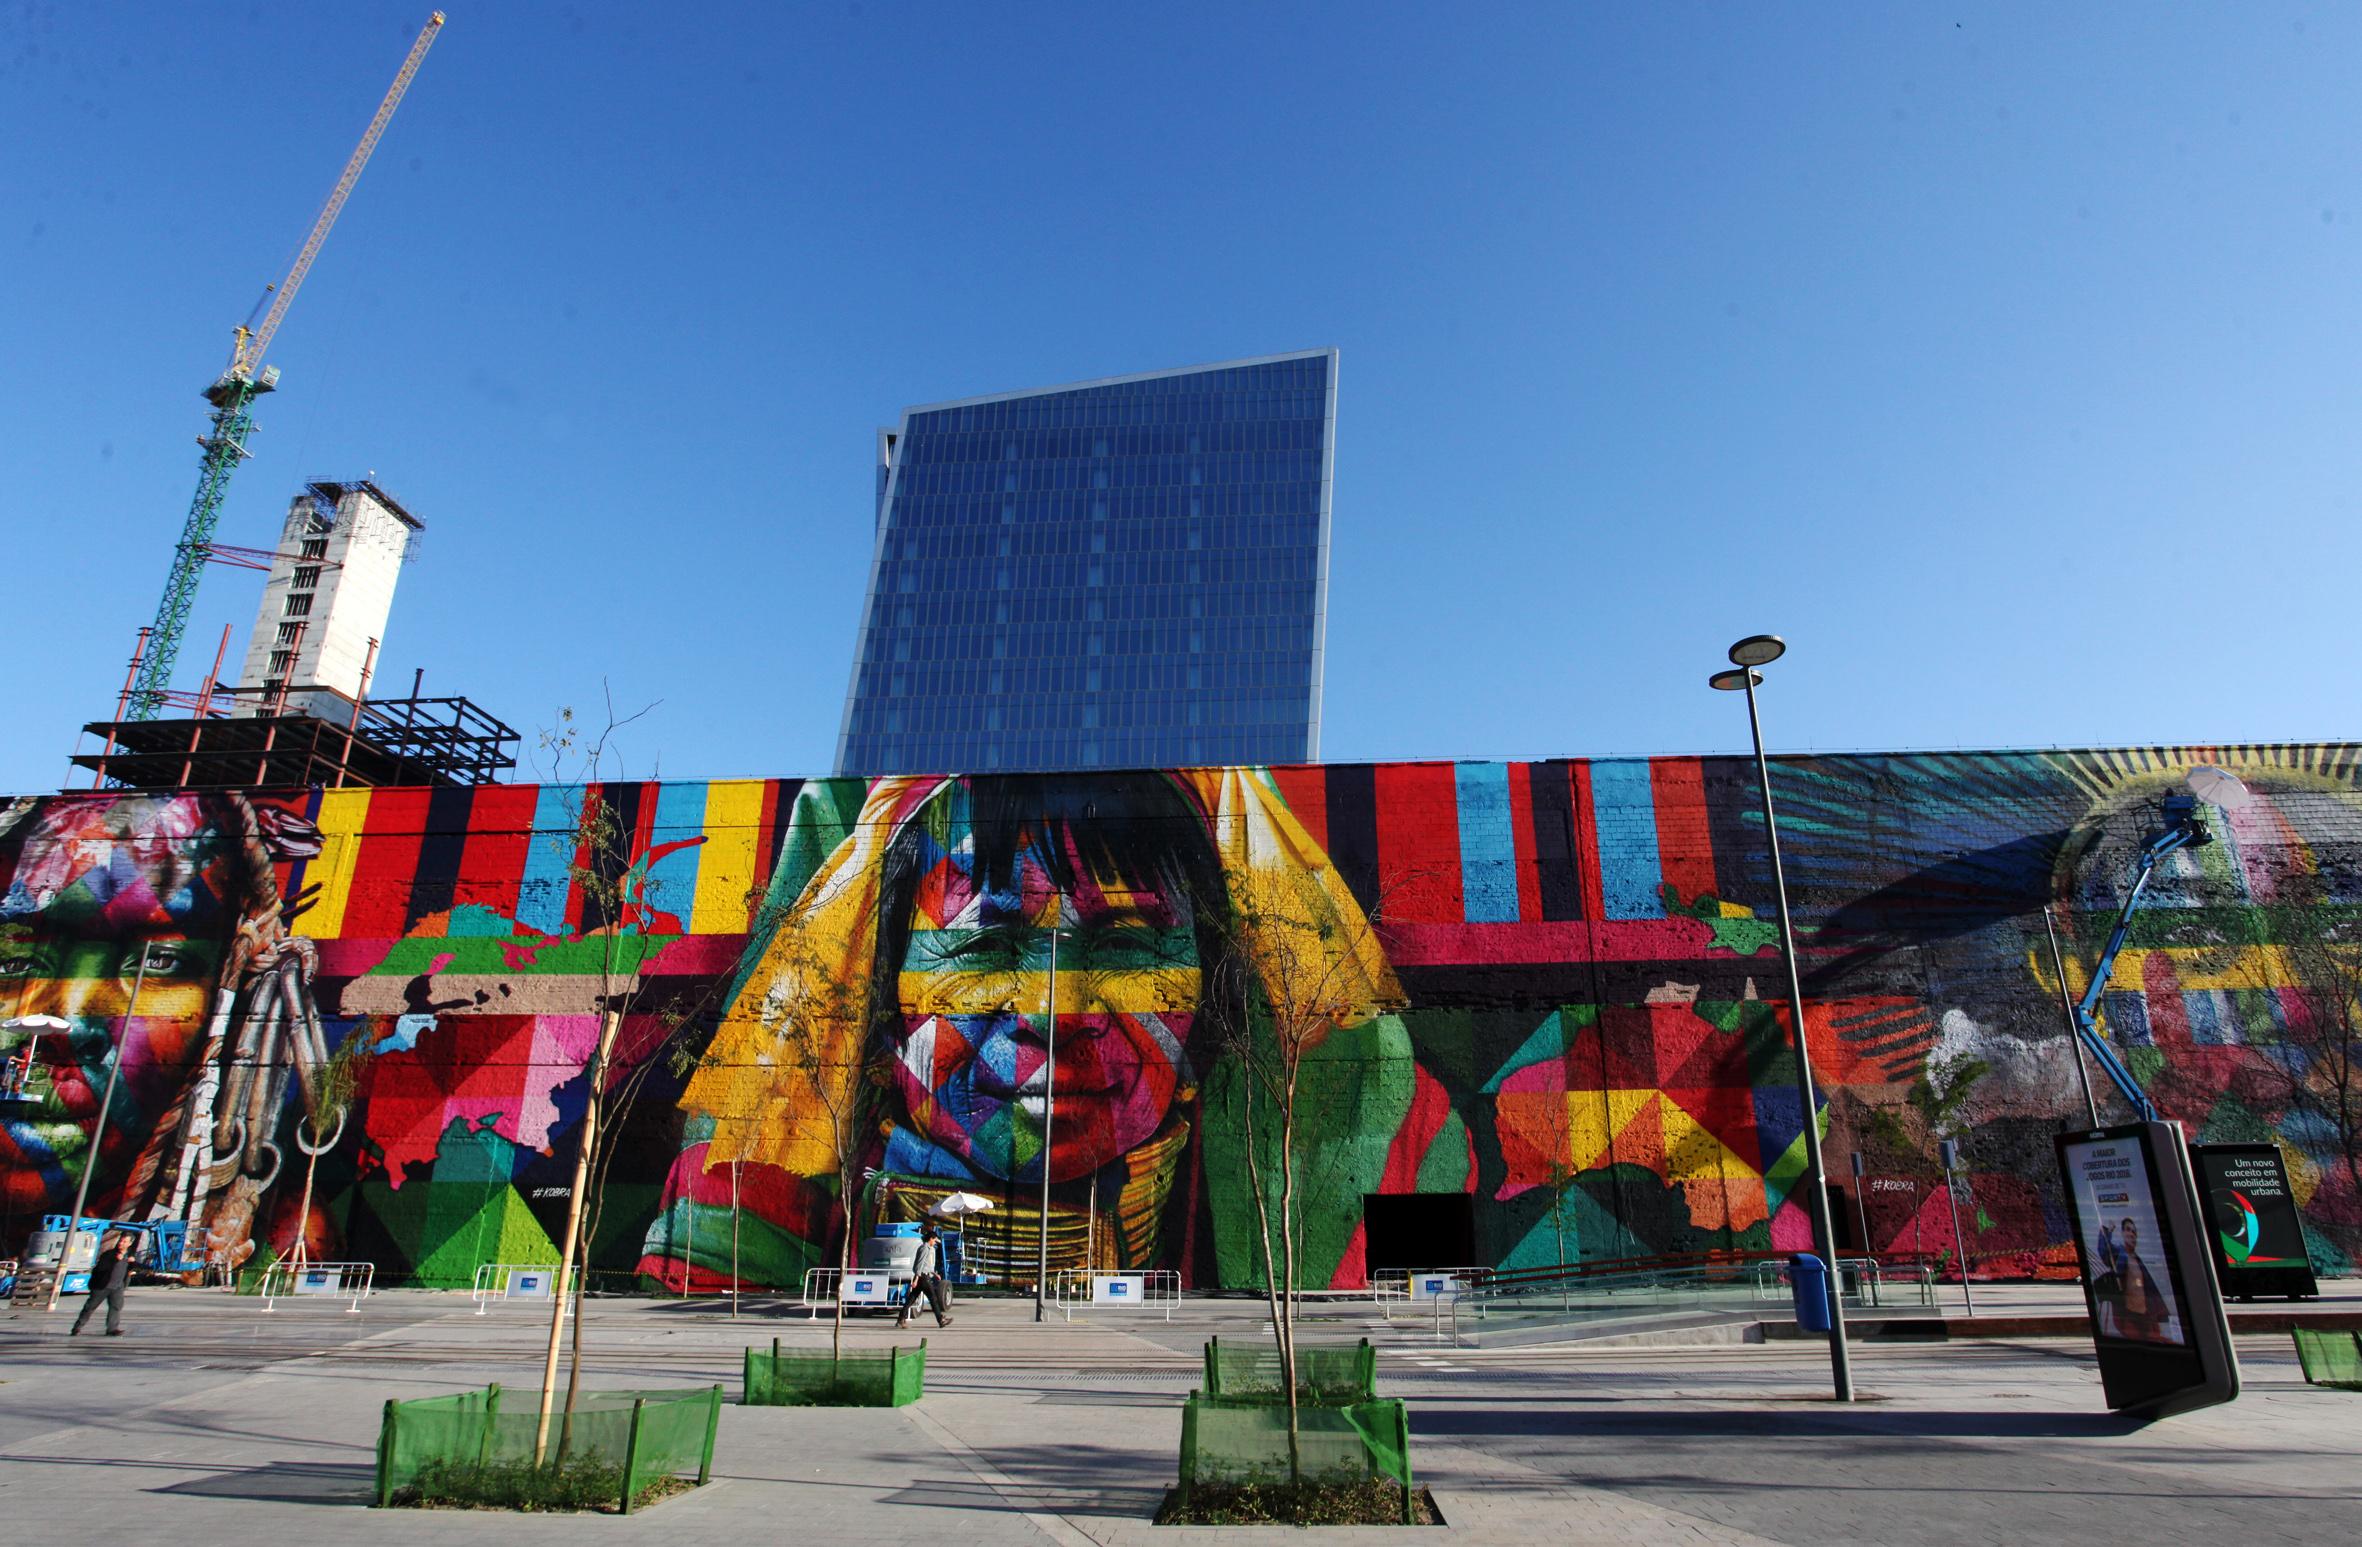 mural eduardo kobra rio de janeiro las etnias olimpiadas 2016 maior graffiti do mundo (2)